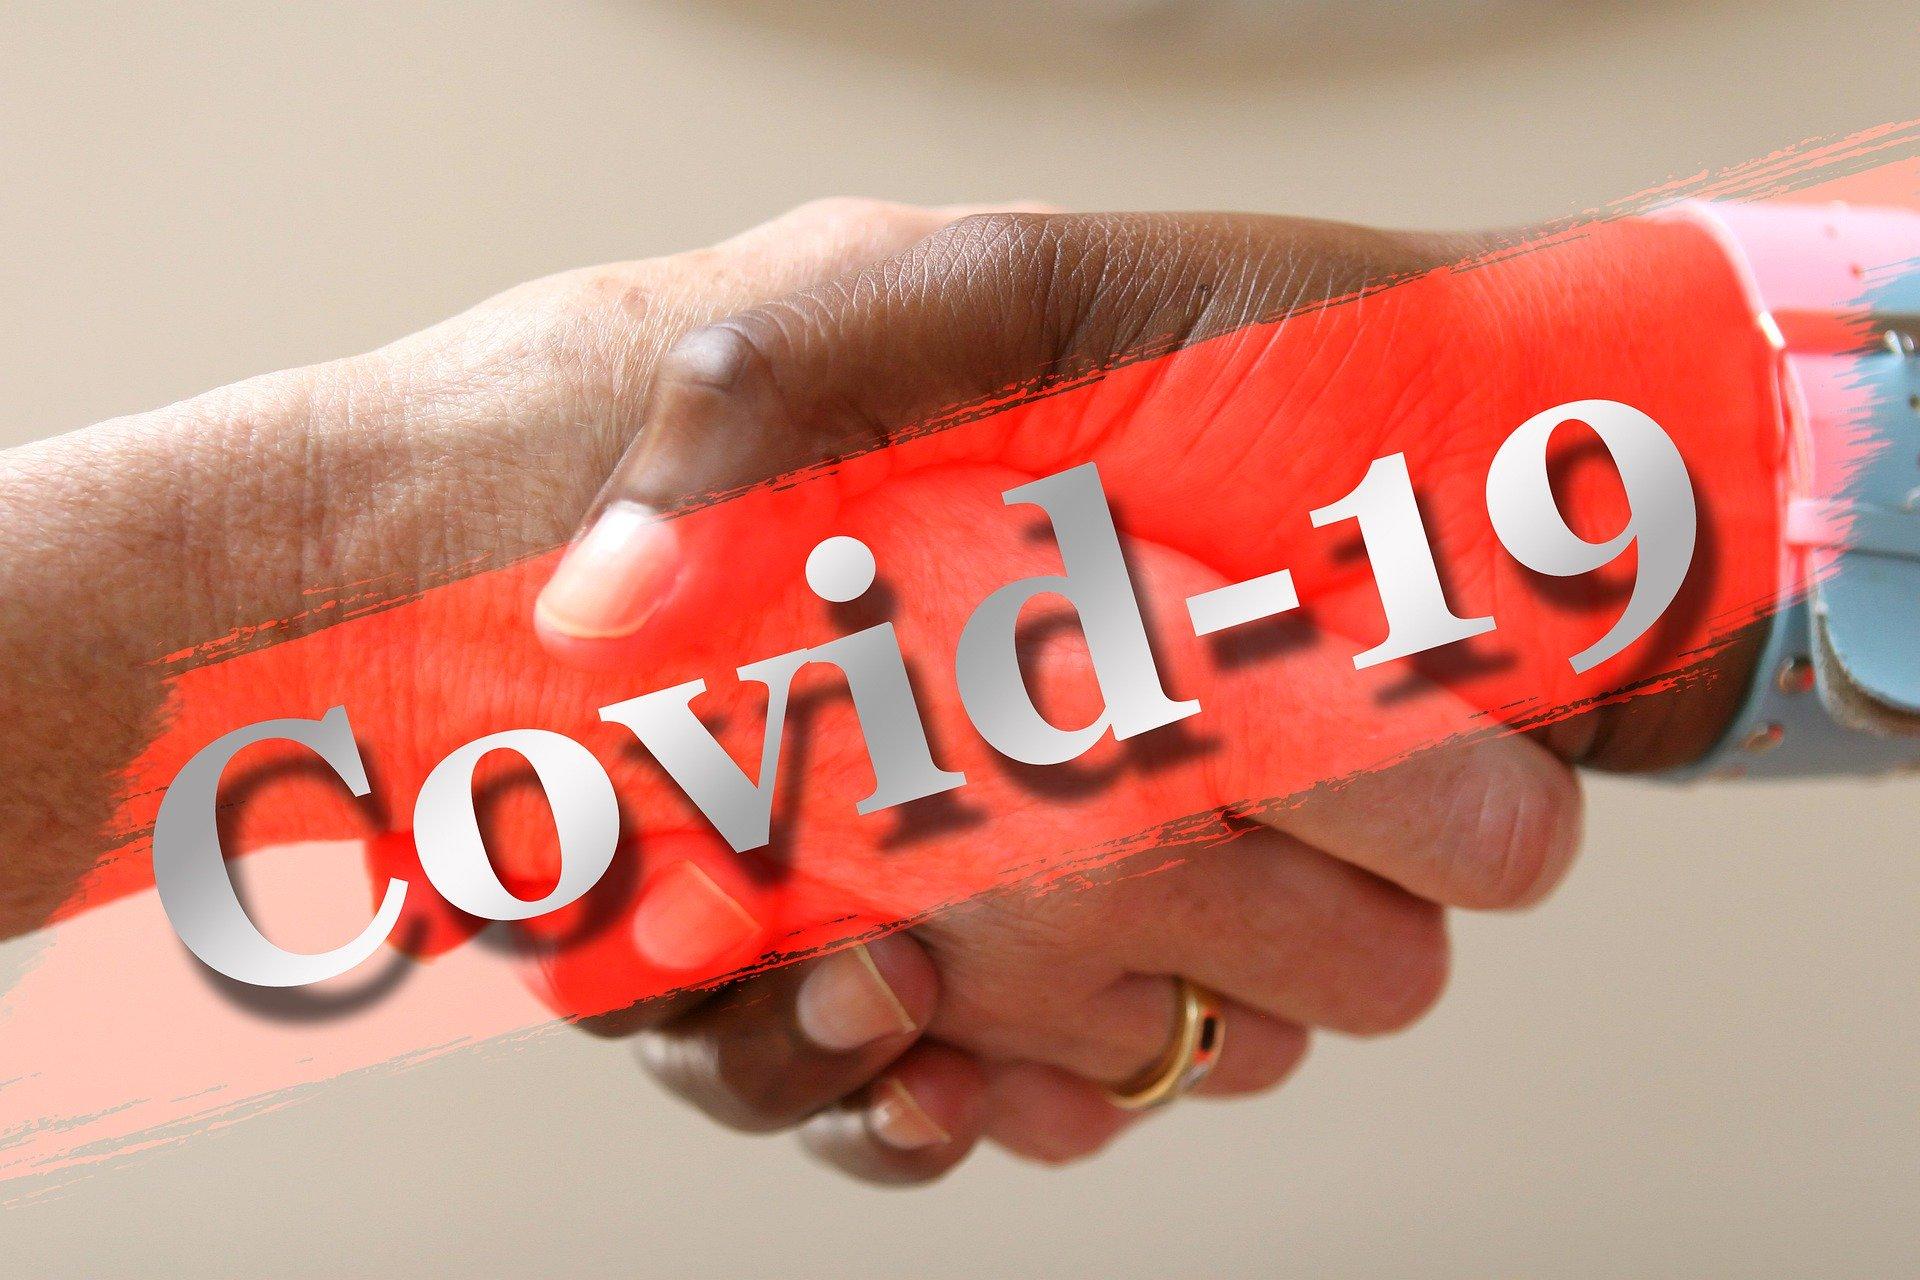 Verhaltenshinweis zum Schutz vor Coronavirus